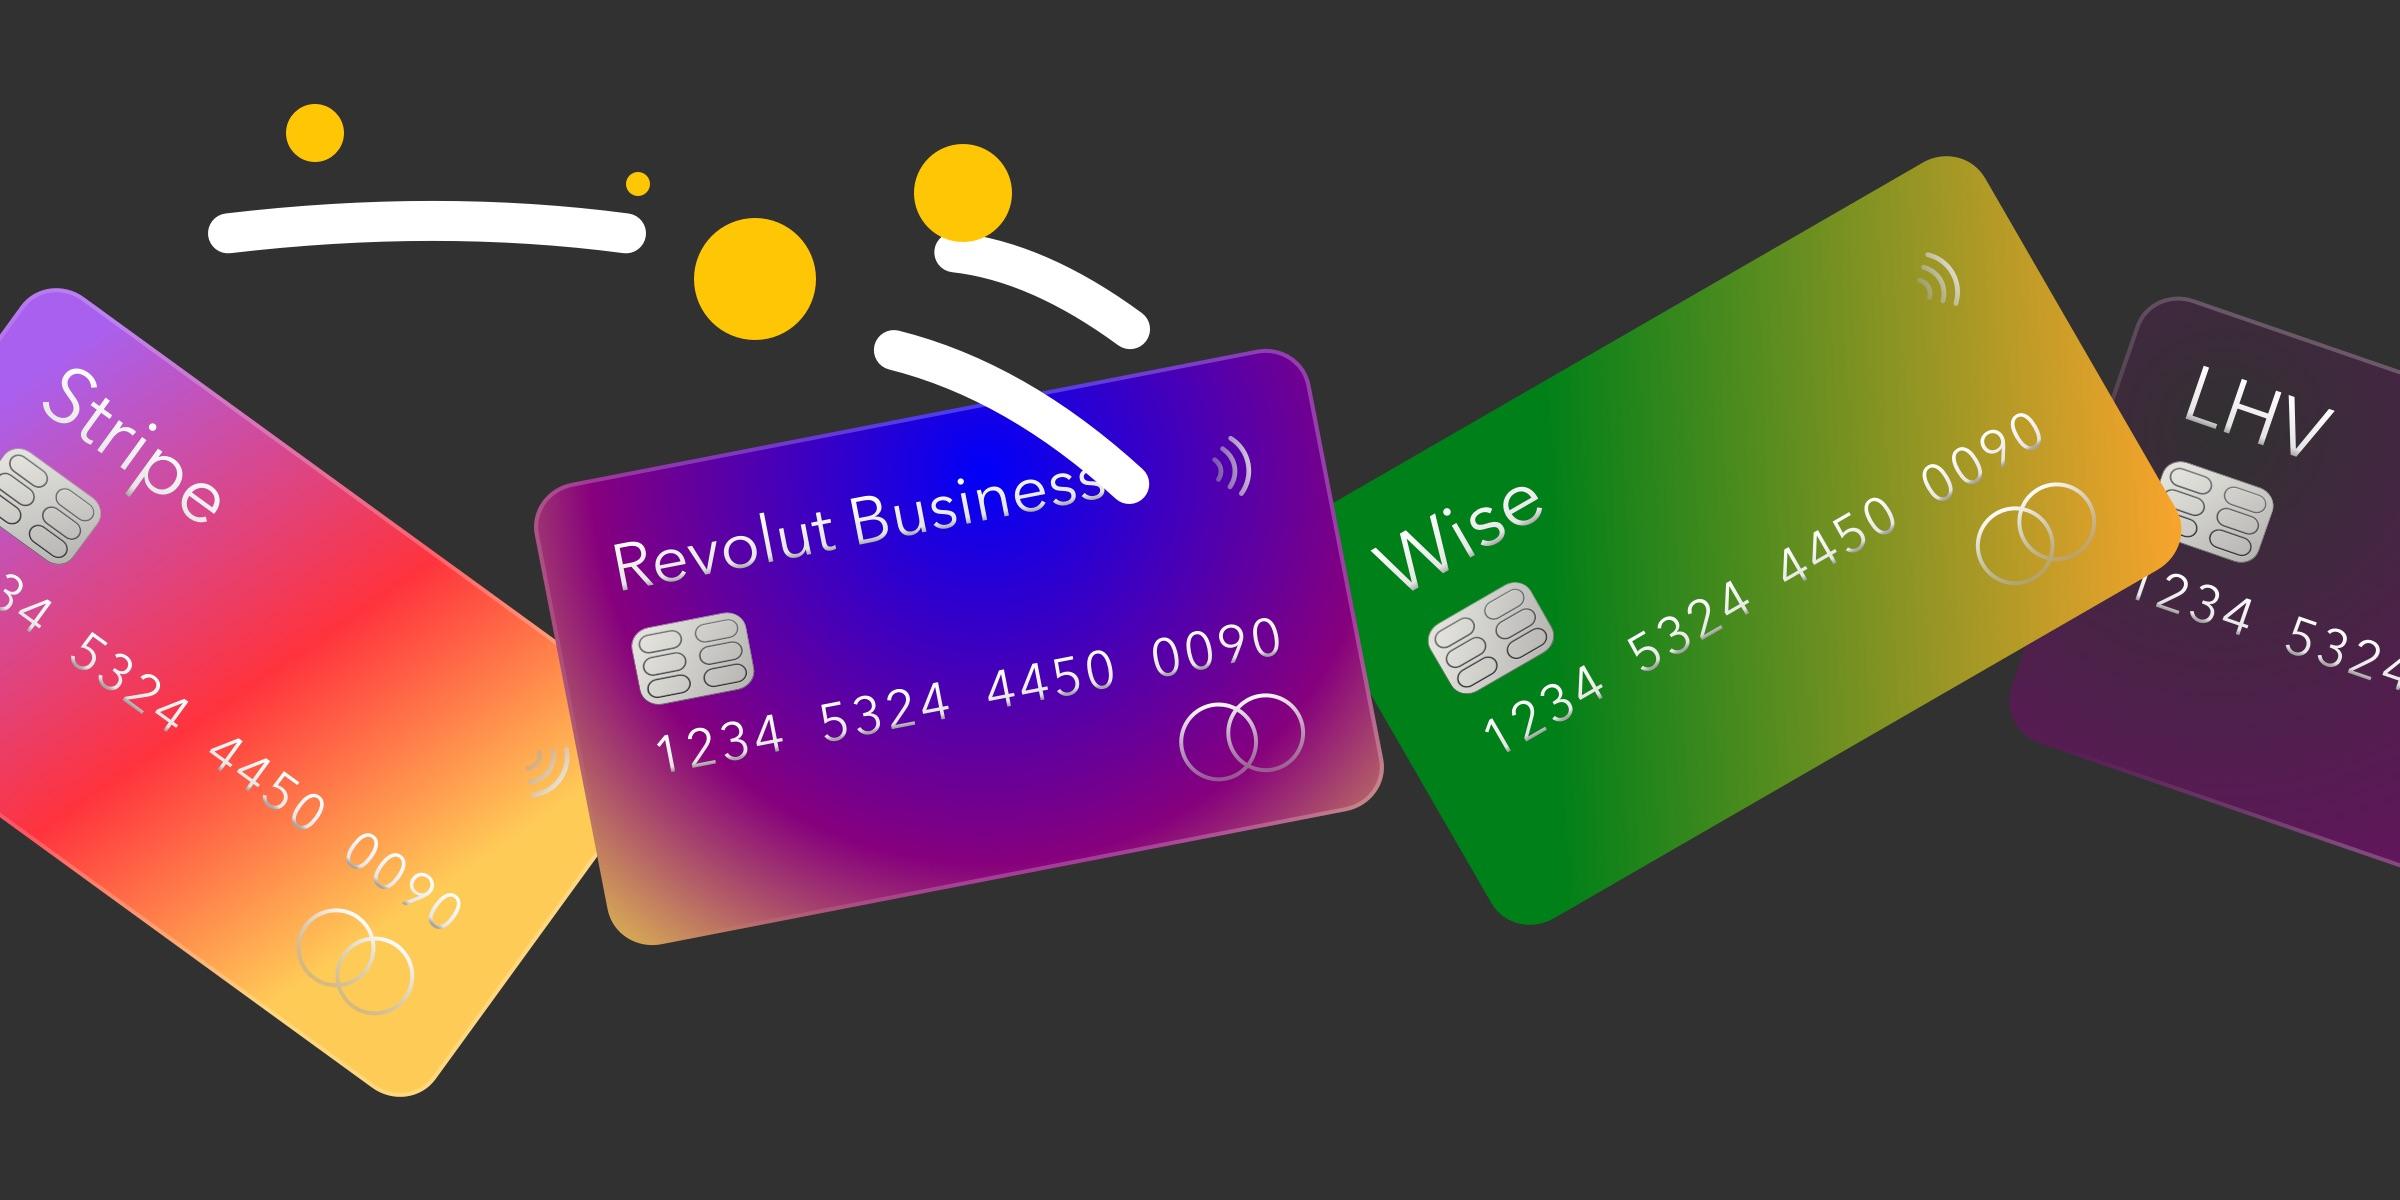 Por fin cientos de soluciones bancarias, incluido Revolut